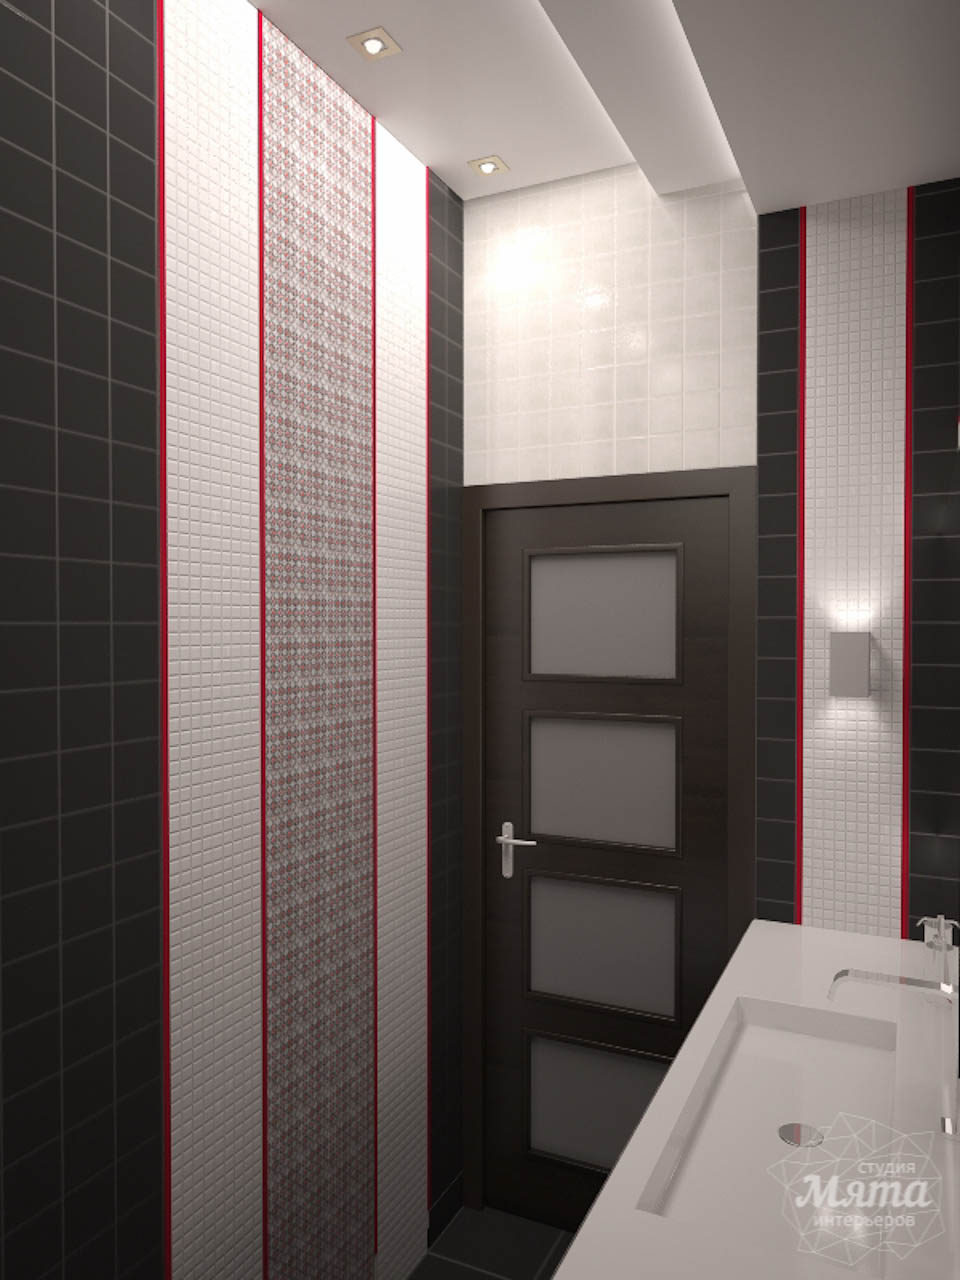 Дизайн интерьера трехкомнатной квартиры по ул. Папанина 18 img1566324437